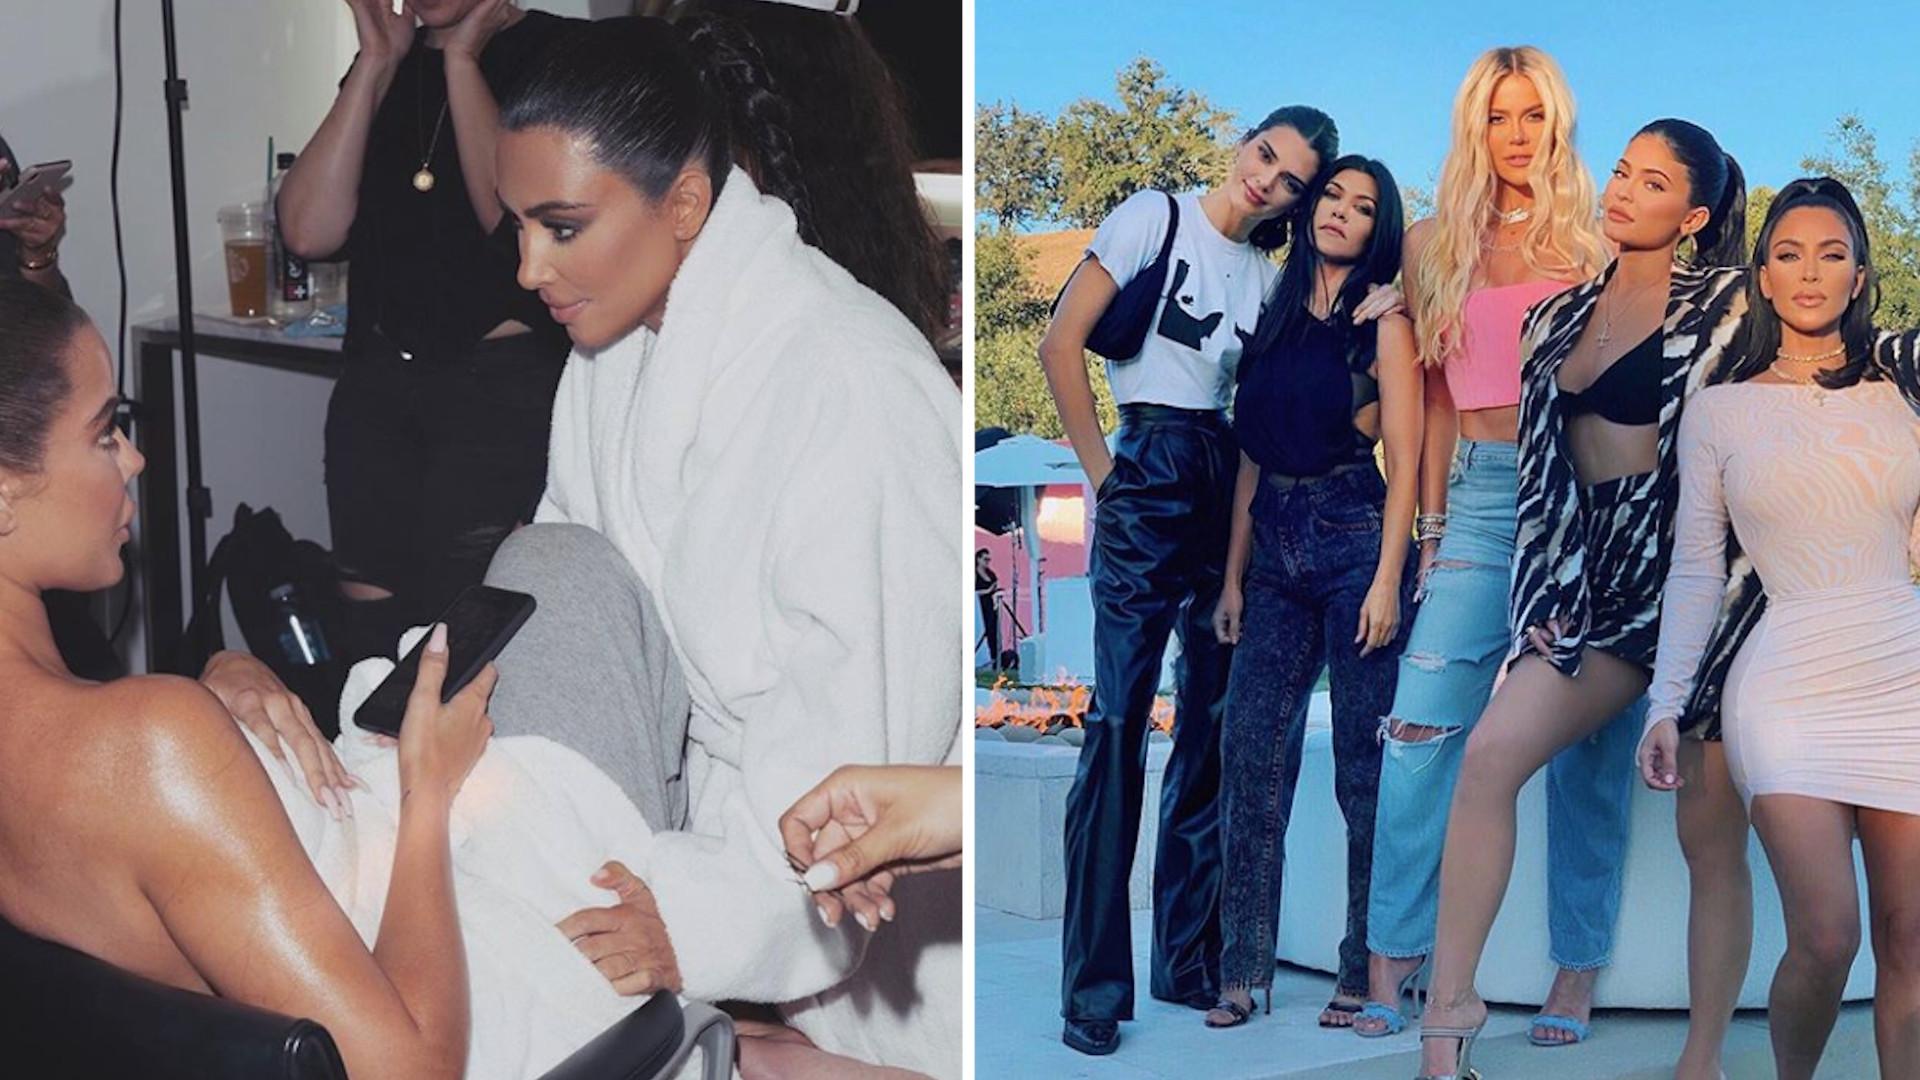 Siostry Kardashian ciężko przechodzą kwarantannę. TĘSKNIĄ za starym życiem